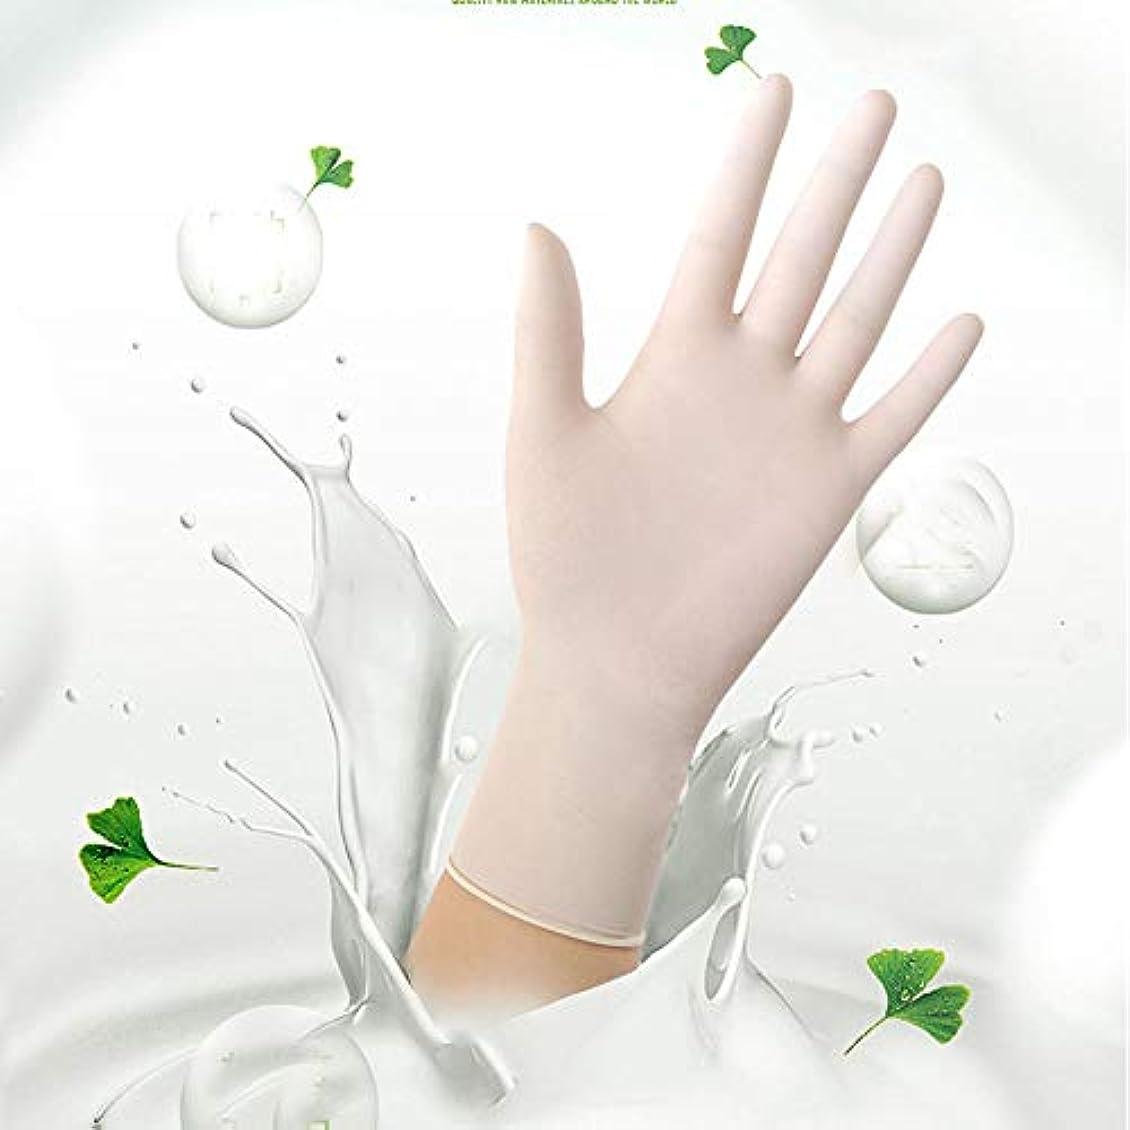 補体嘆く滅多ニトリル検査用手袋 - 医療用グレード、パウダーフリー、ラテックスラバーフリー、使い捨て、非滅菌、食品安全、インディゴ色、100カウント、サイズS-L (Color : White, Size : S)